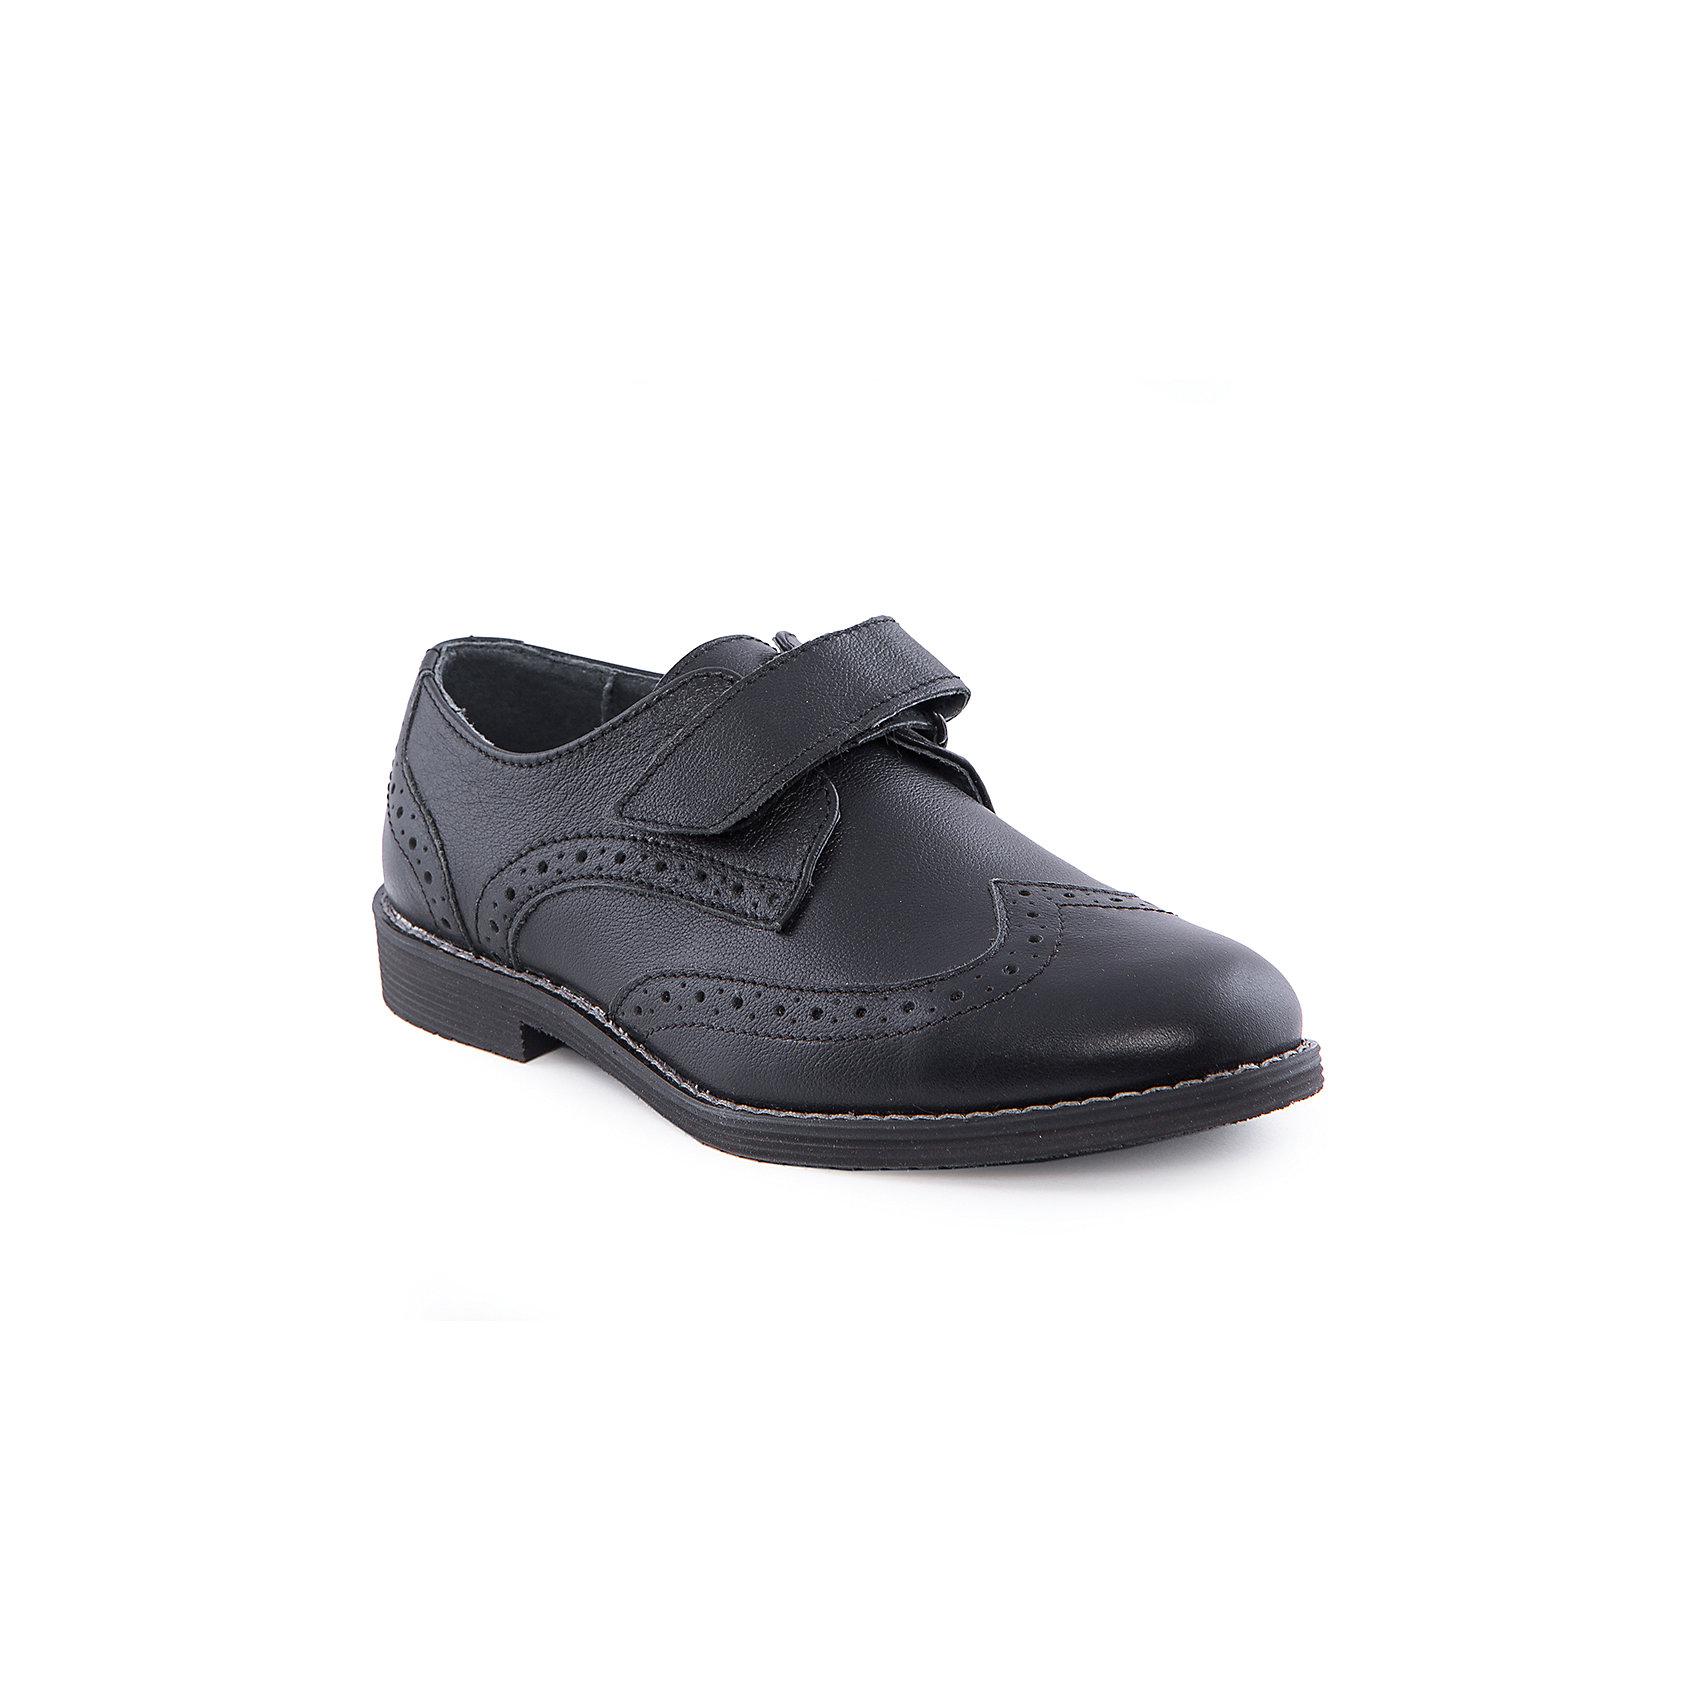 Полуботинки для мальчика MURSUПолуботинки для мальчика от известного финского бренда MURSU - прекрасный вариант для теплой погоды или же сменной обуви. Модель на небольшом удобном каблуке застегивается на липучку, декорирована перфорацией. Ботинки черного цвета изготовлены из натуральной кожи, прекрасно сочетаются с любой одеждой.<br><br>Дополнительная информация:<br><br>- Цвет: черный.<br>- Тип застежки: липучка.<br>- Декоративные элементы: перфорация.<br><br>Состав:<br><br>- Материал верха: натуральная кожа. <br>- Материал подкладки: натуральная кожа.<br>-  Материал подошвы: TPR.<br>- Материал стельки: натуральная кожа.<br><br>Полуботинки для мальчика MURSU (Мурсу), можно купить в нашем магазине.<br><br>Ширина мм: 262<br>Глубина мм: 176<br>Высота мм: 97<br>Вес г: 427<br>Цвет: черный<br>Возраст от месяцев: 132<br>Возраст до месяцев: 144<br>Пол: Мужской<br>Возраст: Детский<br>Размер: 35,33,32,34,36,37<br>SKU: 4195909